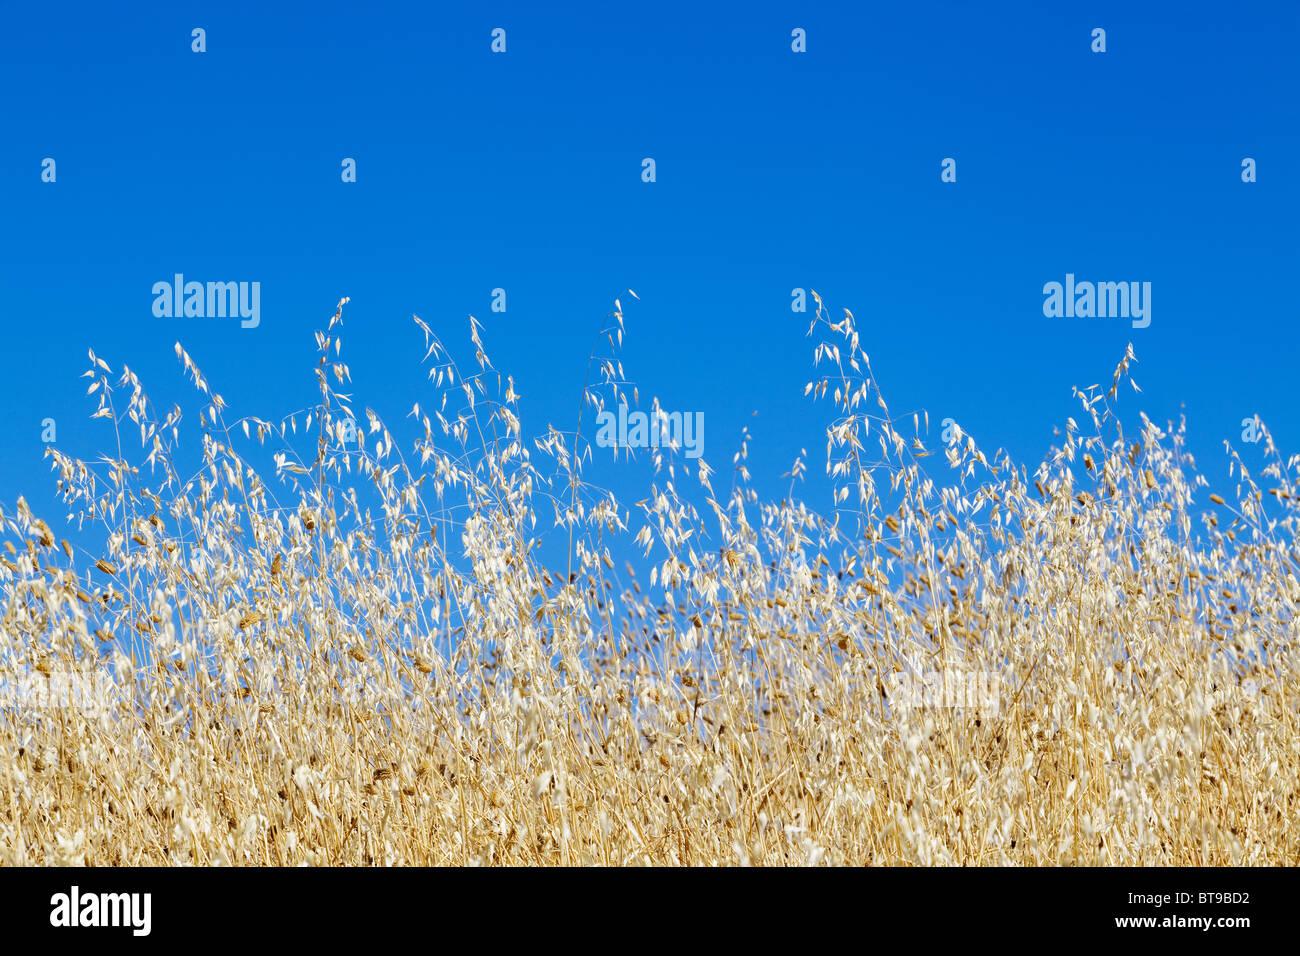 Sommer Tage - blauer Himmel - Toskana, Italien, Stockbild